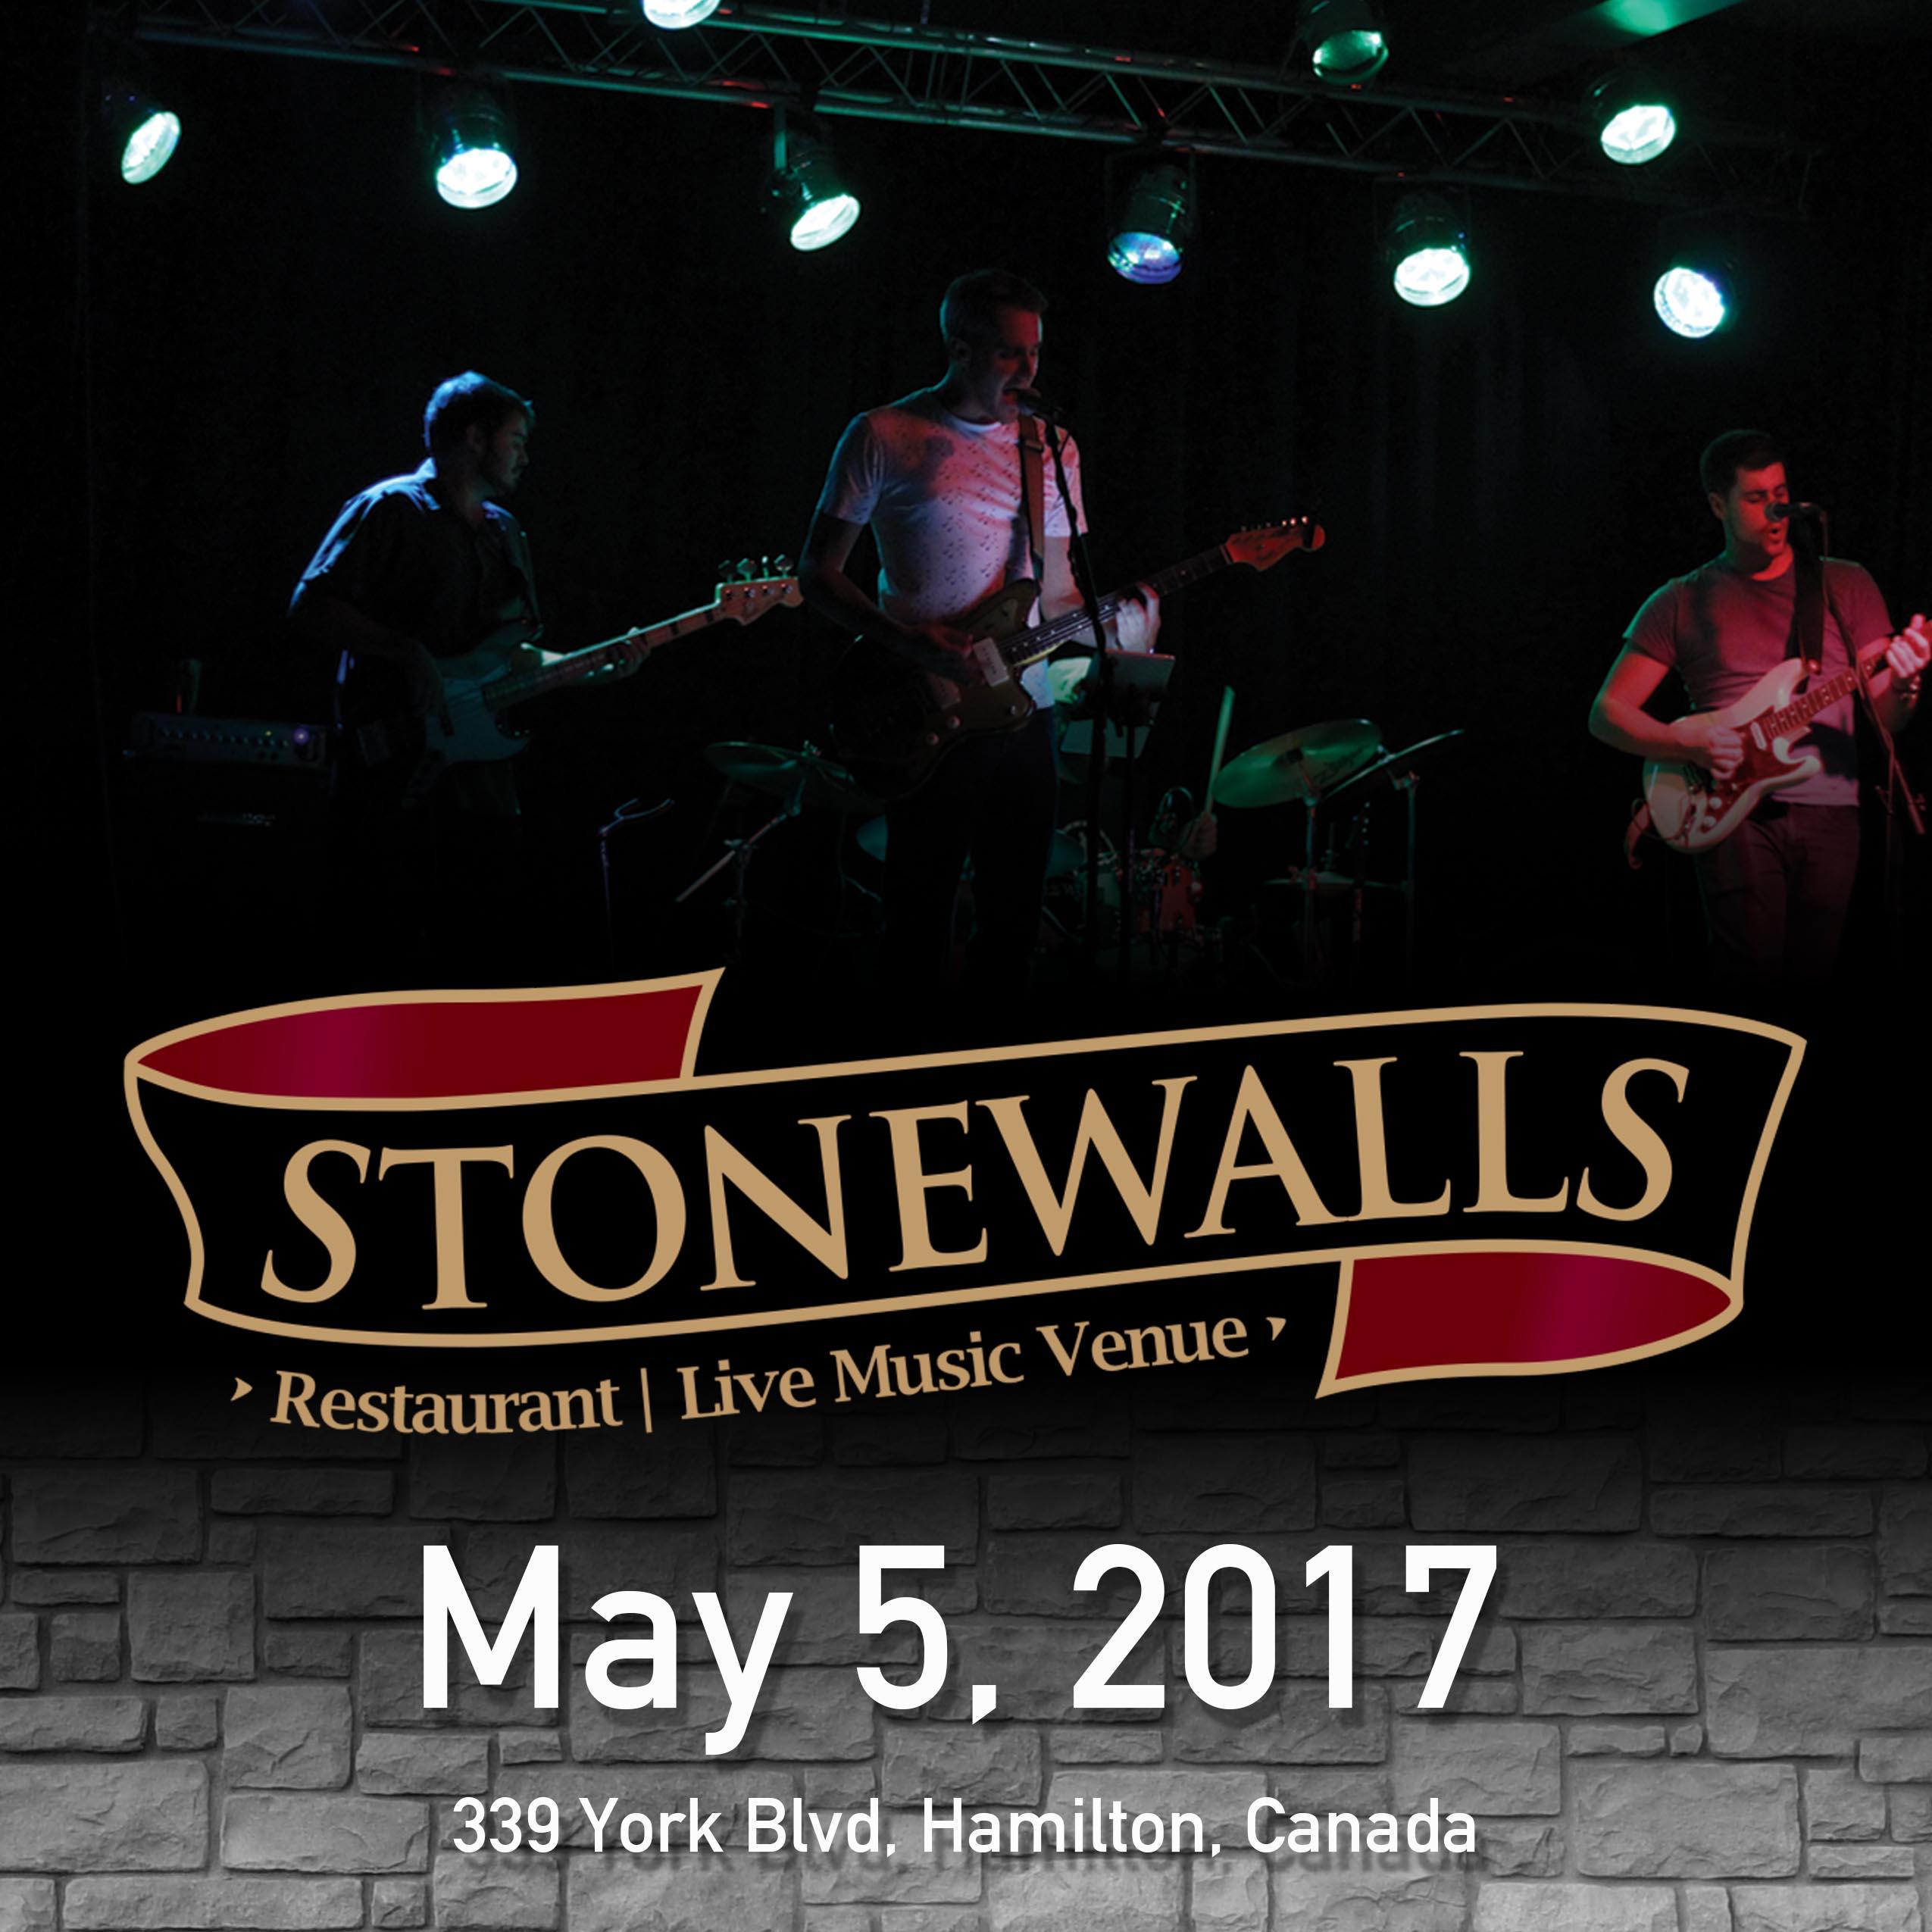 May 5, 2017 Stonewalls